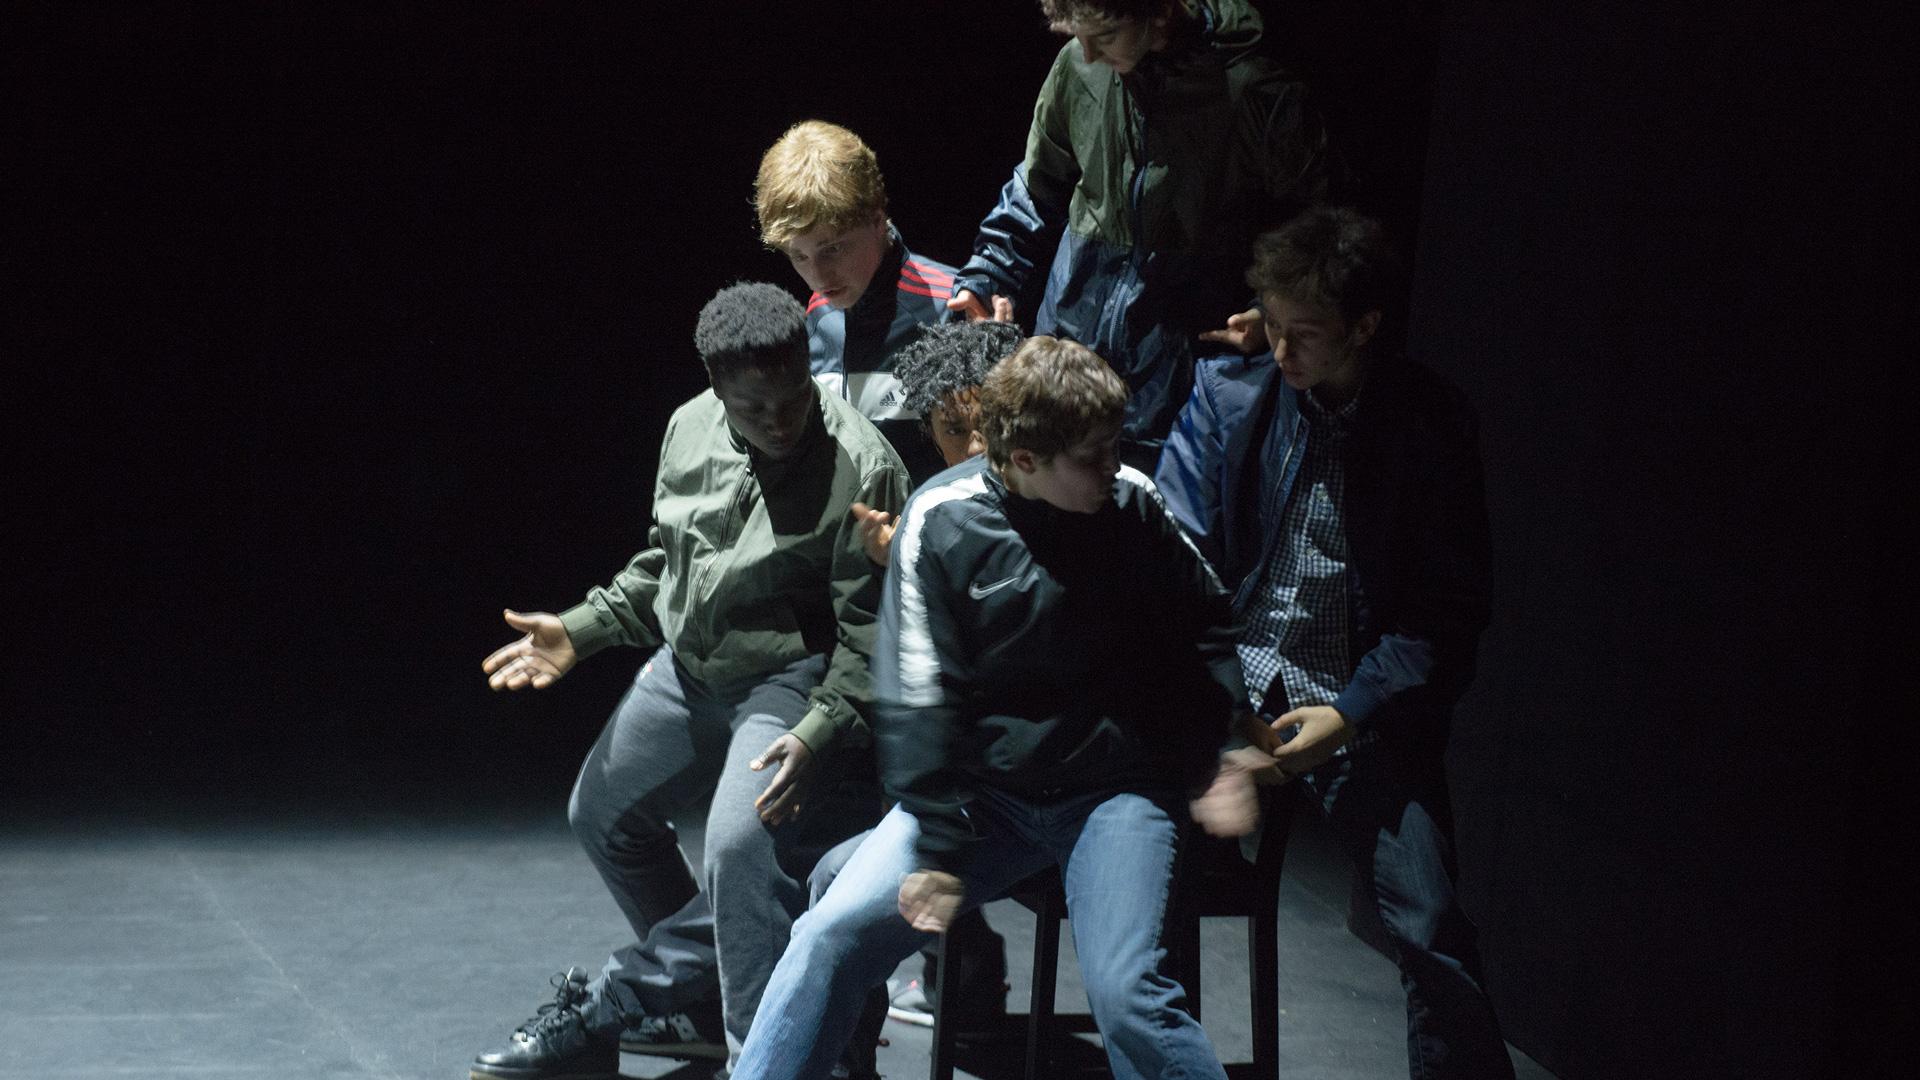 ContesEtLegendes pommerat nanterre amandiers critique avis théâtre blog quatrieme mur